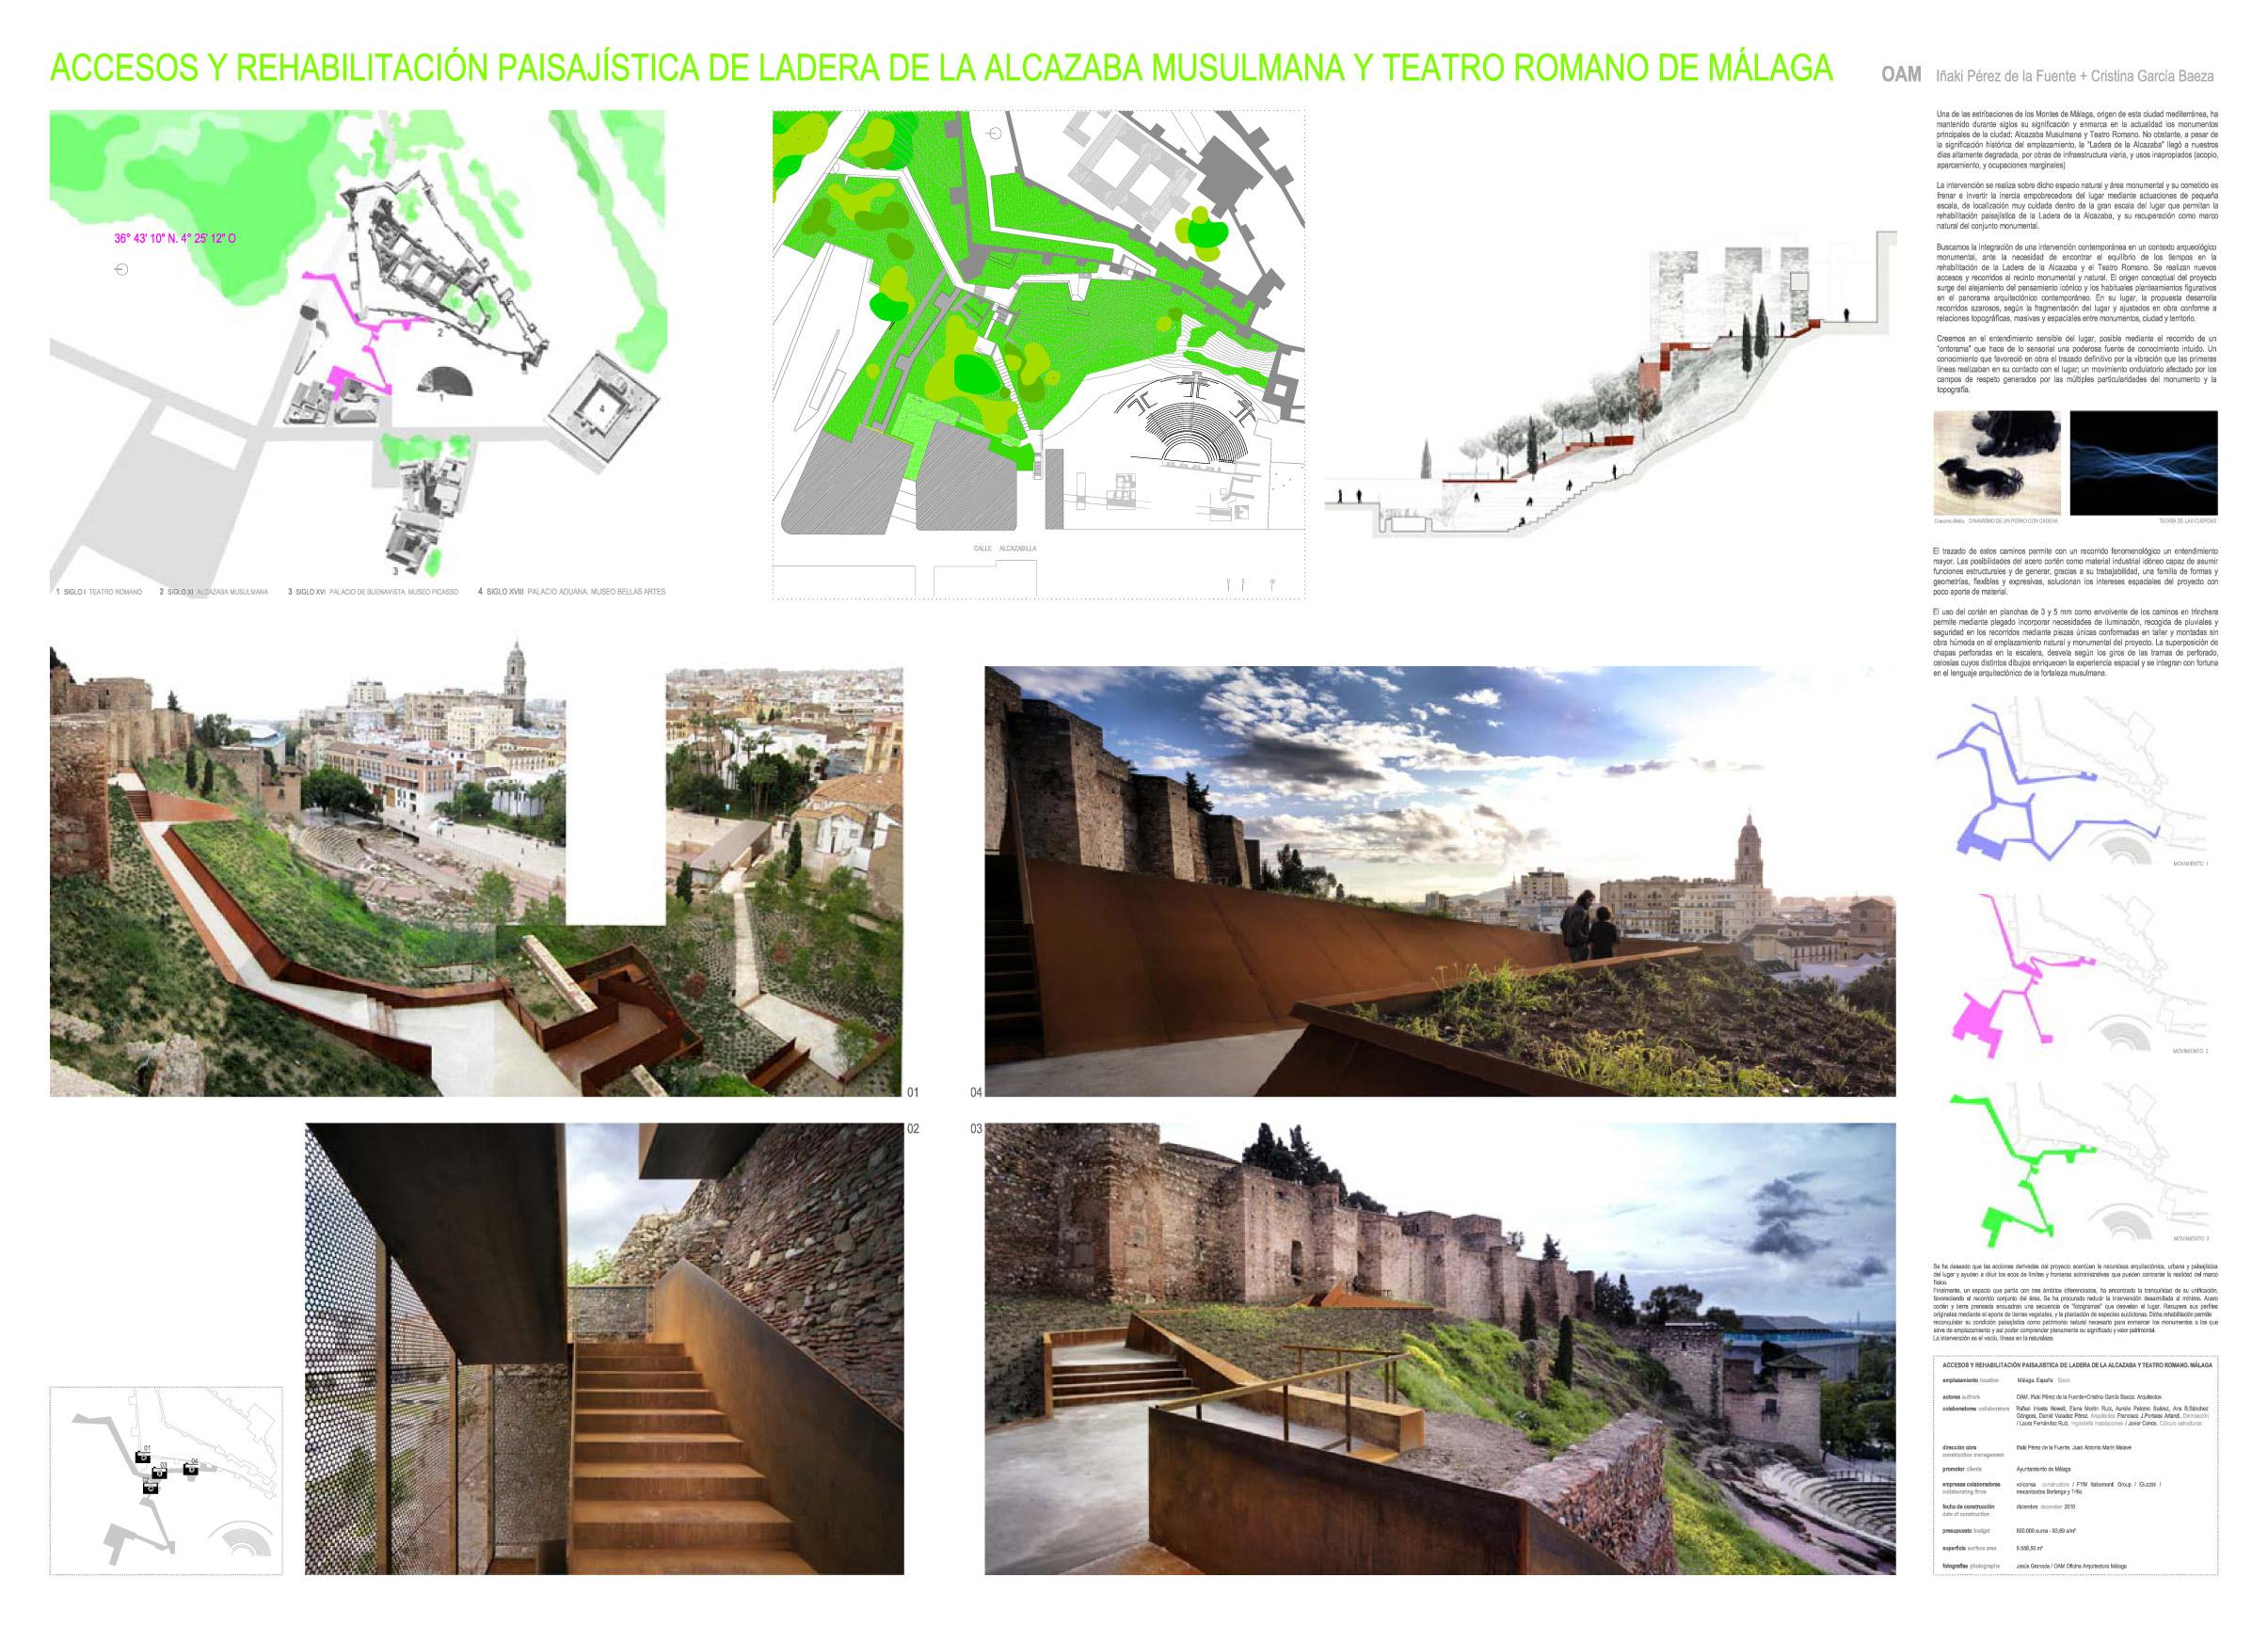 OAM Oficina Arquitectura Málaga /<br>Ladera de la Alcazaba y Teatro Romano de Málaga